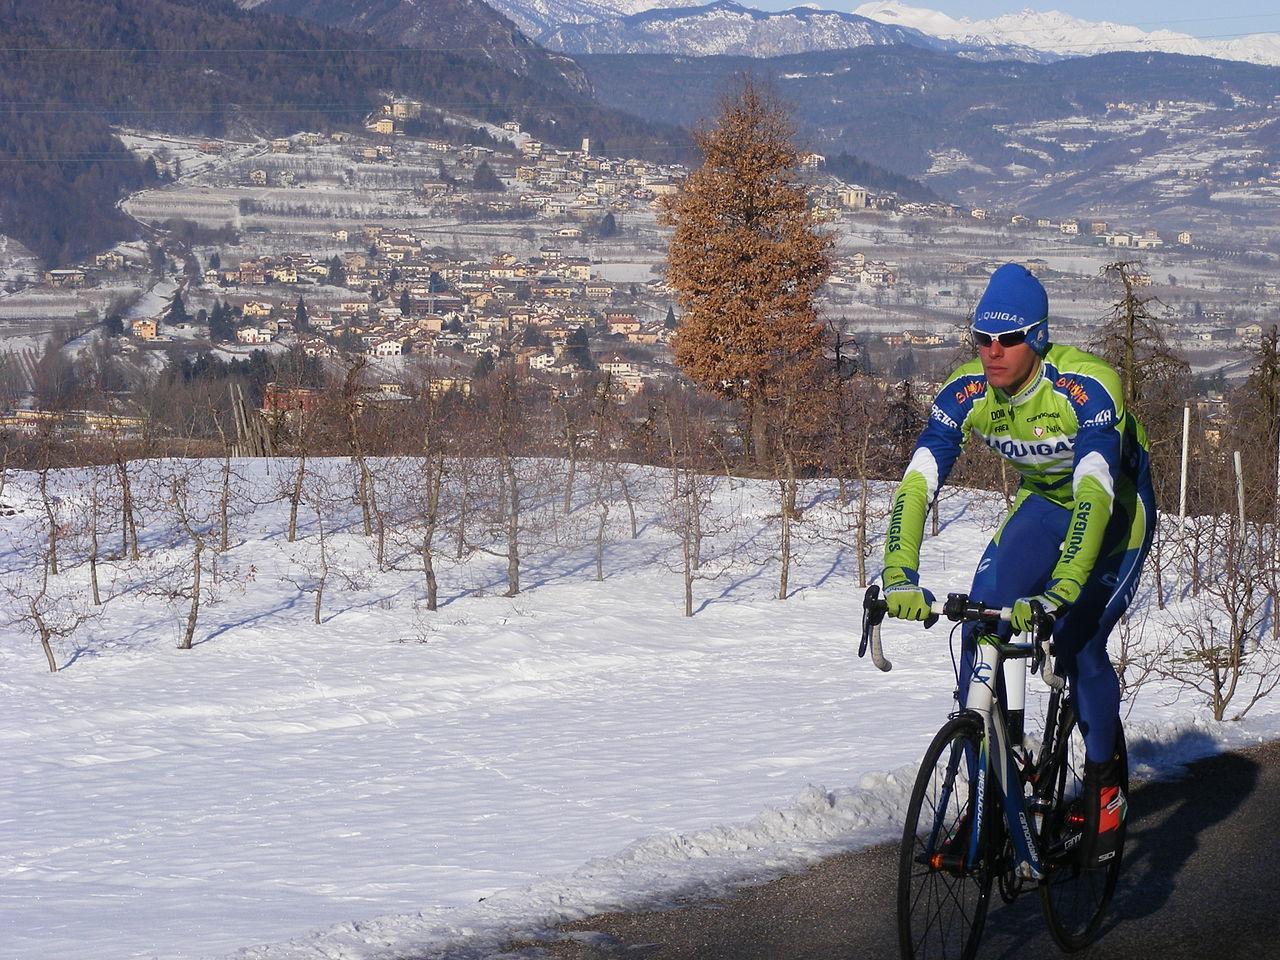 L'attrezzatura necessaria per pedalare anche in inverno